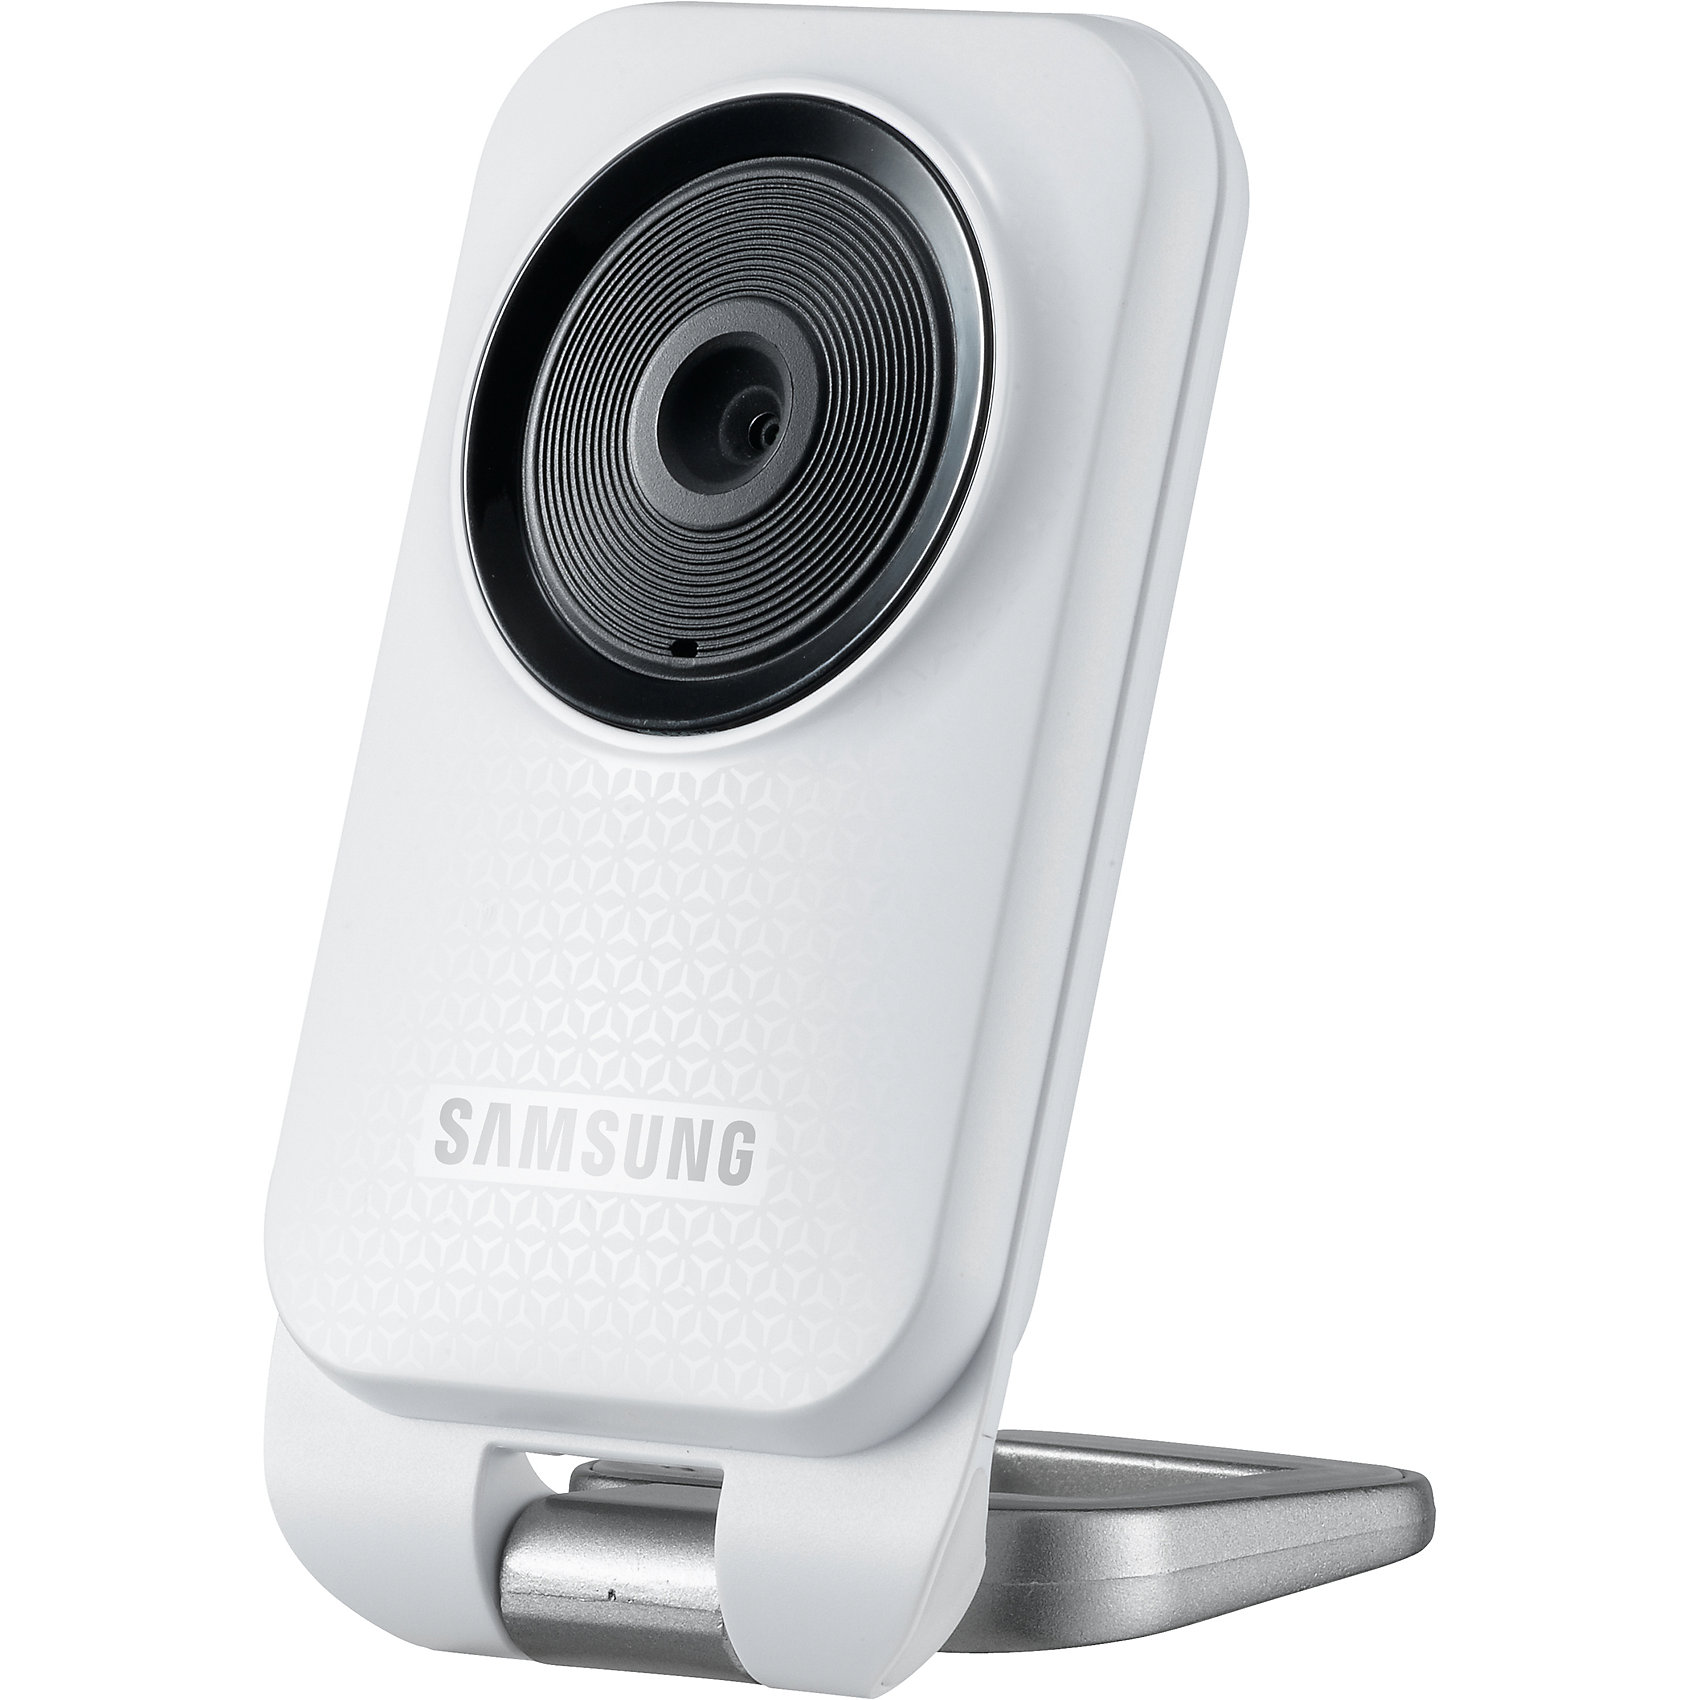 Видеоняня Samsung  Wi-Fi SmartCam SNH-V6110BNДетская бытовая техника<br>Видеоняня Wi-Fi SmartCam SNH-V6110BN, Samsung (Самсунг)<br><br>Характеристики:<br><br>• подходит для планшетов, смартфонов и компьютеров<br>• доступ из любой точки мира<br>• высокое качество изображения в формате Full HD 1080p<br>• автоматическое оповещение при плаче или движении<br>• цветное изображение в ночное время<br>• несколько зон отслеживания<br>• двухсторонняя связь<br>• колыбельные мелодии<br>• возможность записи<br>• поддержка iOS, Android, Windows, Mac<br>• регулировка наклона<br>• в комплекте: камера, адаптер, инструкция<br>• размер упаковки: 14х10х9 см<br>• вес: 300 грамм<br><br>Видеоняня SmartCam SNH - V6110BN - современное устройство для наблюдения за ребенком во время вашего отсутствия. Вы можете подключить видеокамеру к смартфону, компьютеру или планшету с операционными системами iOS, Android, Mac. Windows. <br><br>Качественное изображение с камеры в формате Full HD 1080p доступно в любой точке планеты. Главная особенность модели - стабильная работа и мобильное приложение для вашего устройства. Видеокамера автоматически подает сигнал при обнаружении плача или движения крохи. <br><br>В темное время суток изображение камеры остается цветным без использования ночника и подсветки, что отличает данную модель от аналогов. Ко всему прочему, видеоняня оснащена двухсторонней связью, колыбельными мелодиями, возможностью записи и проигрывания фото и видео. <br><br>Видеоняню Wi-Fi SmartCam SNH-V6110BN, Samsung (Самсунг) вы можете купить в нашем интернет-магазине.<br><br>Ширина мм: 90<br>Глубина мм: 100<br>Высота мм: 140<br>Вес г: 300<br>Возраст от месяцев: 0<br>Возраст до месяцев: 1188<br>Пол: Унисекс<br>Возраст: Детский<br>SKU: 5516699